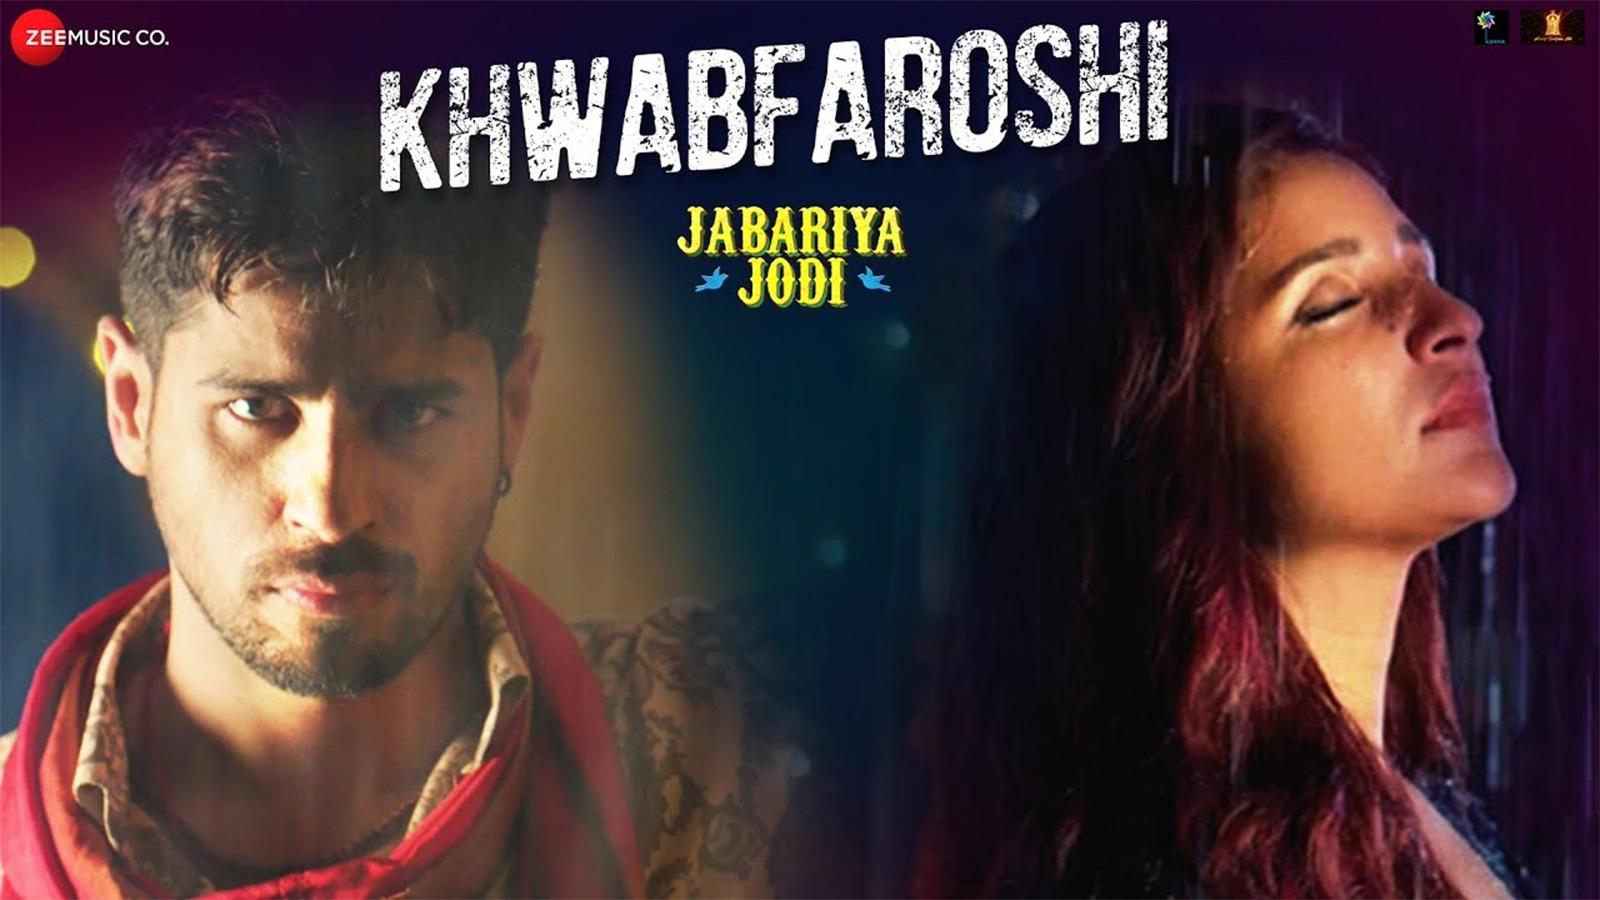 Jabariya Jodi | Song - Khwabfaroshi